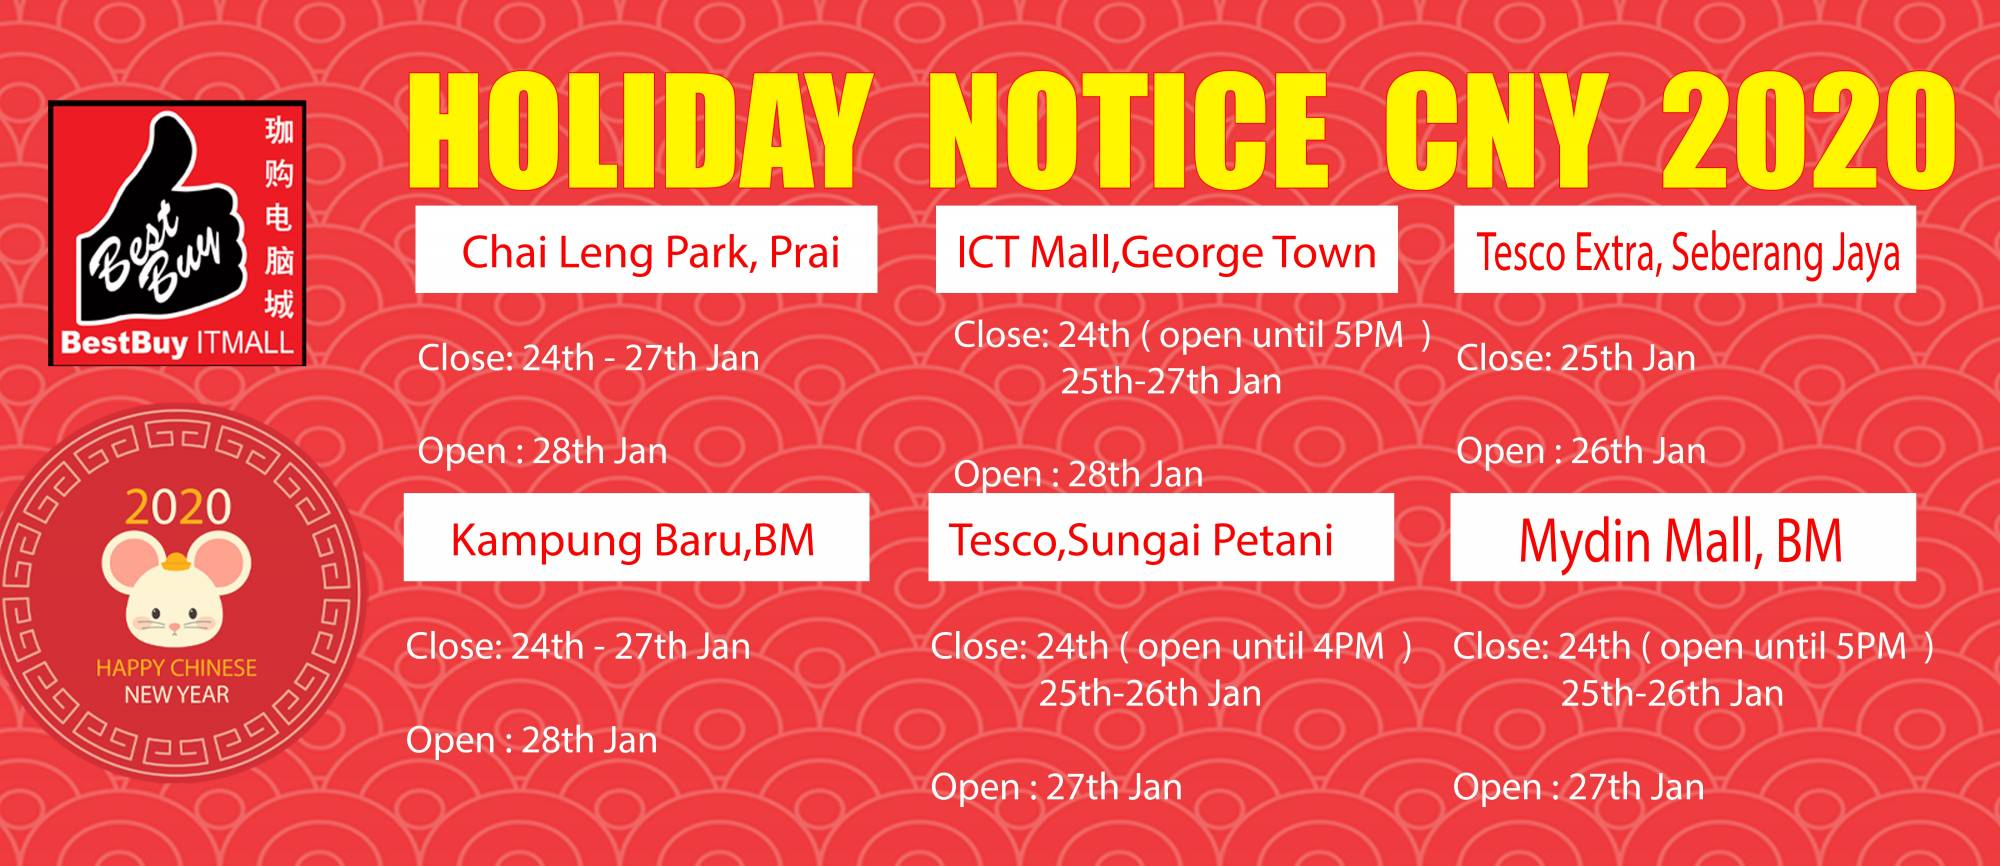 CNY 2020 holiday